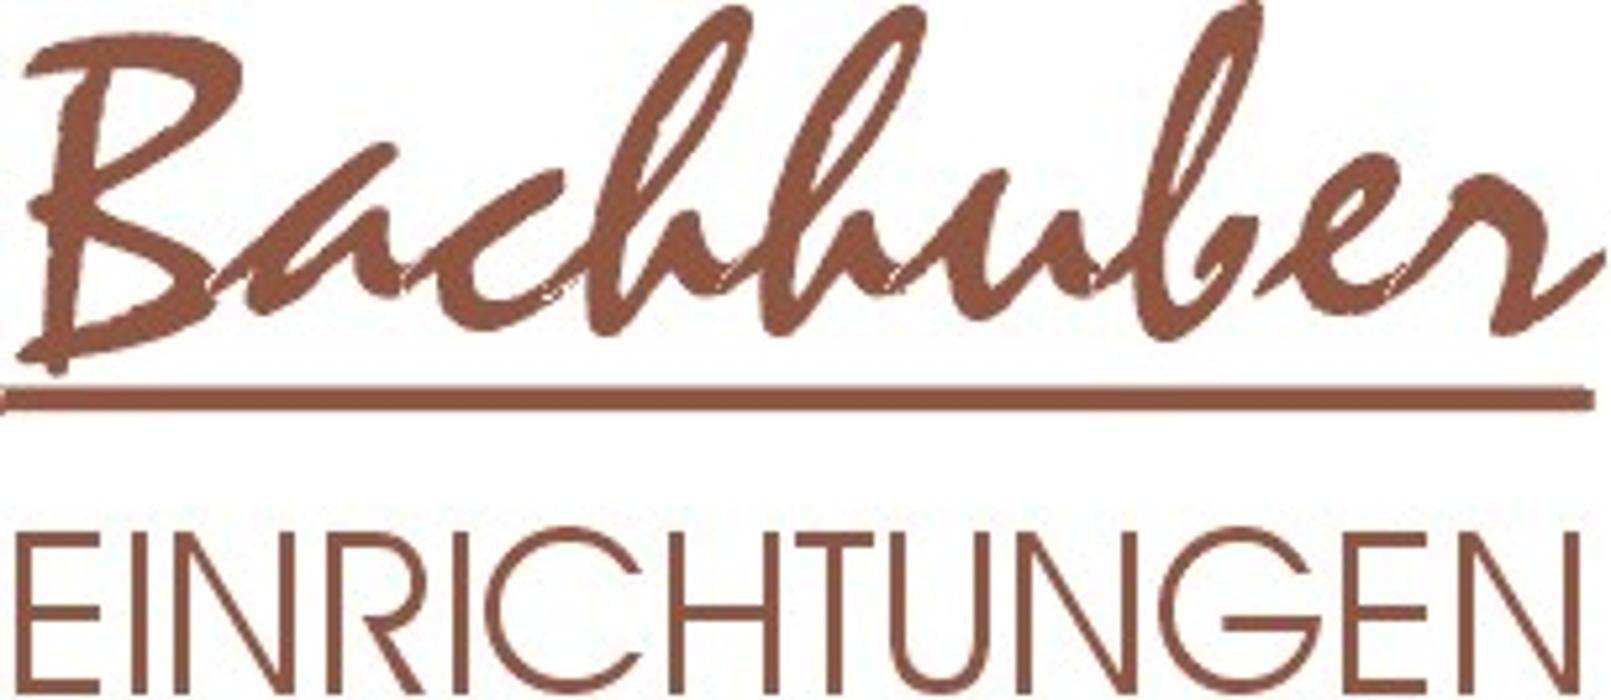 Bild zu Bachhuber Einrichtungen GmbH in Bad Birnbach im Rottal